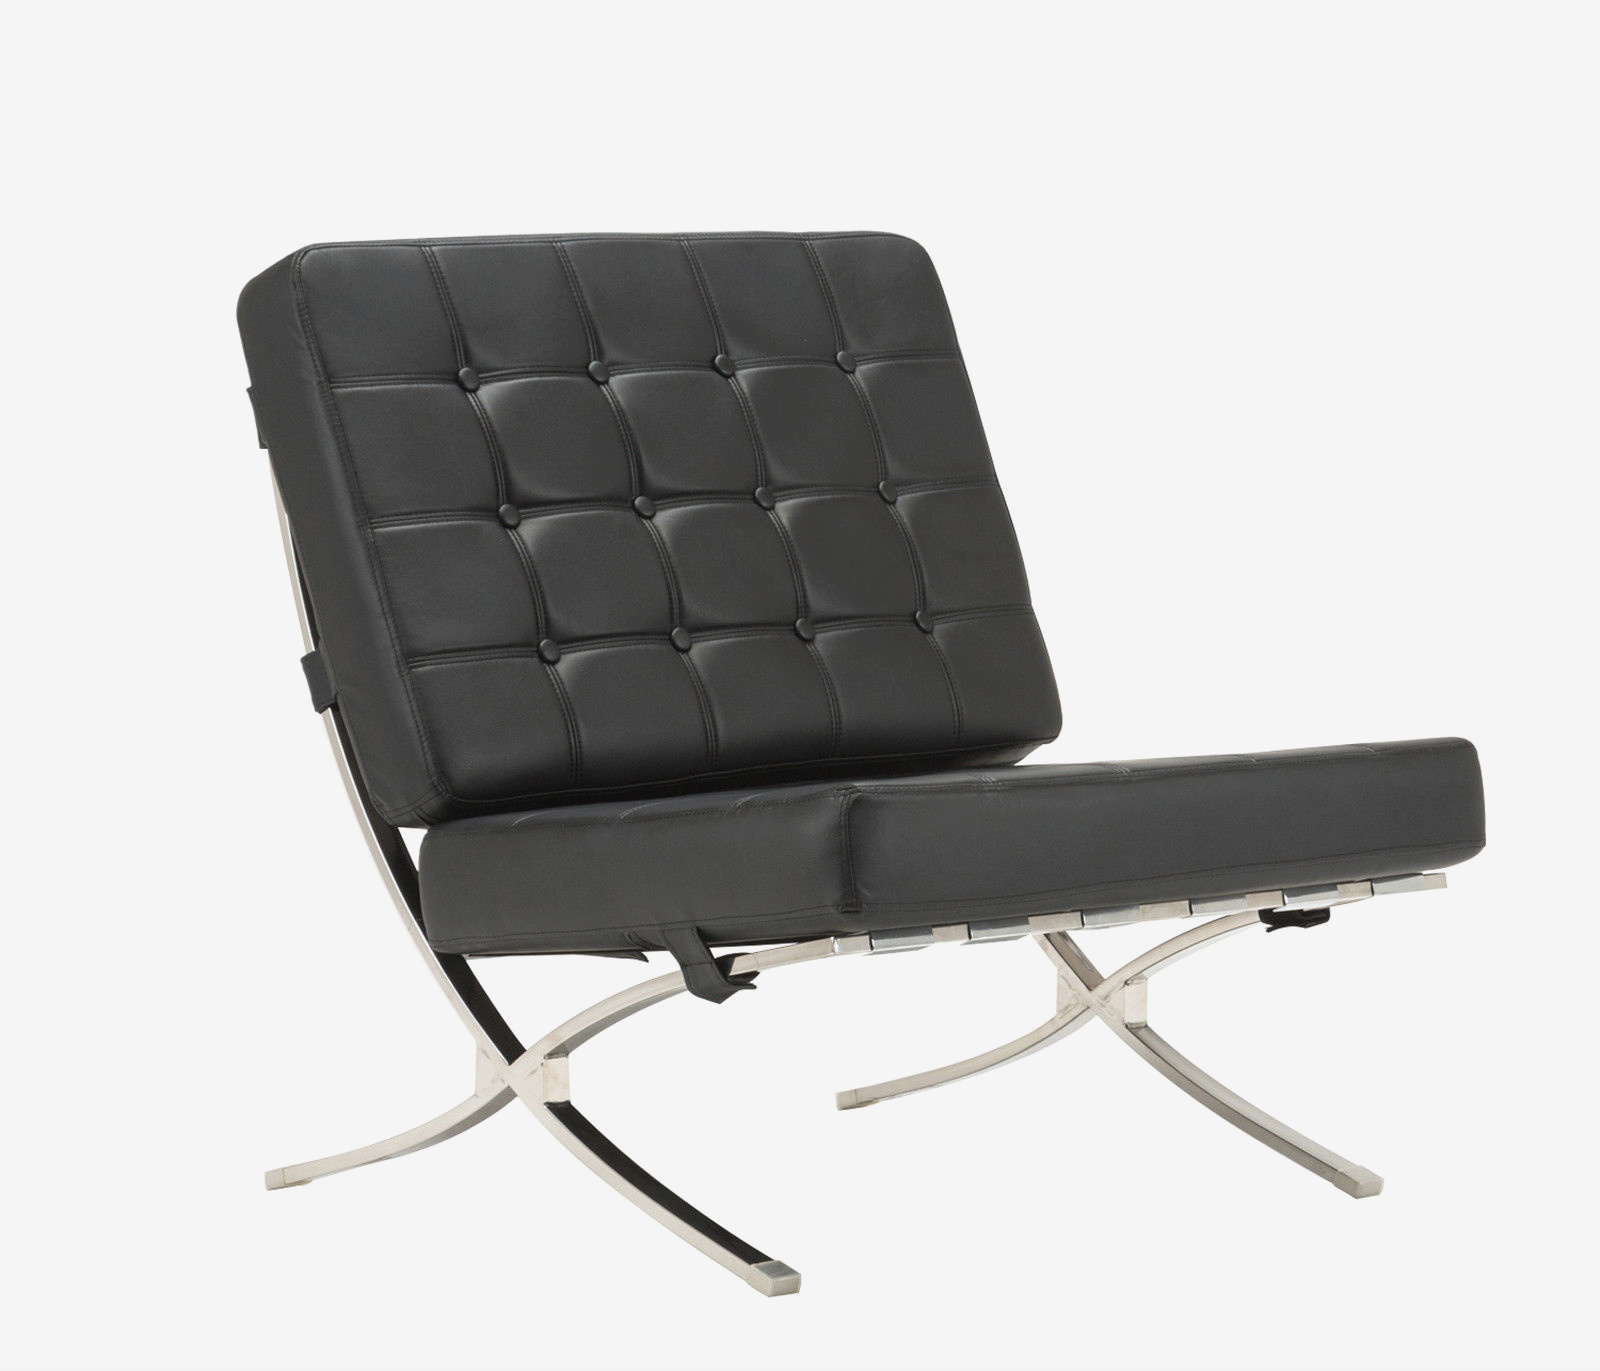 Full Size of Liegestuhl Ikea Küche Kosten Miniküche Betten Bei Garten Sofa Mit Schlaffunktion Kaufen 160x200 Modulküche Wohnzimmer Liegestuhl Ikea